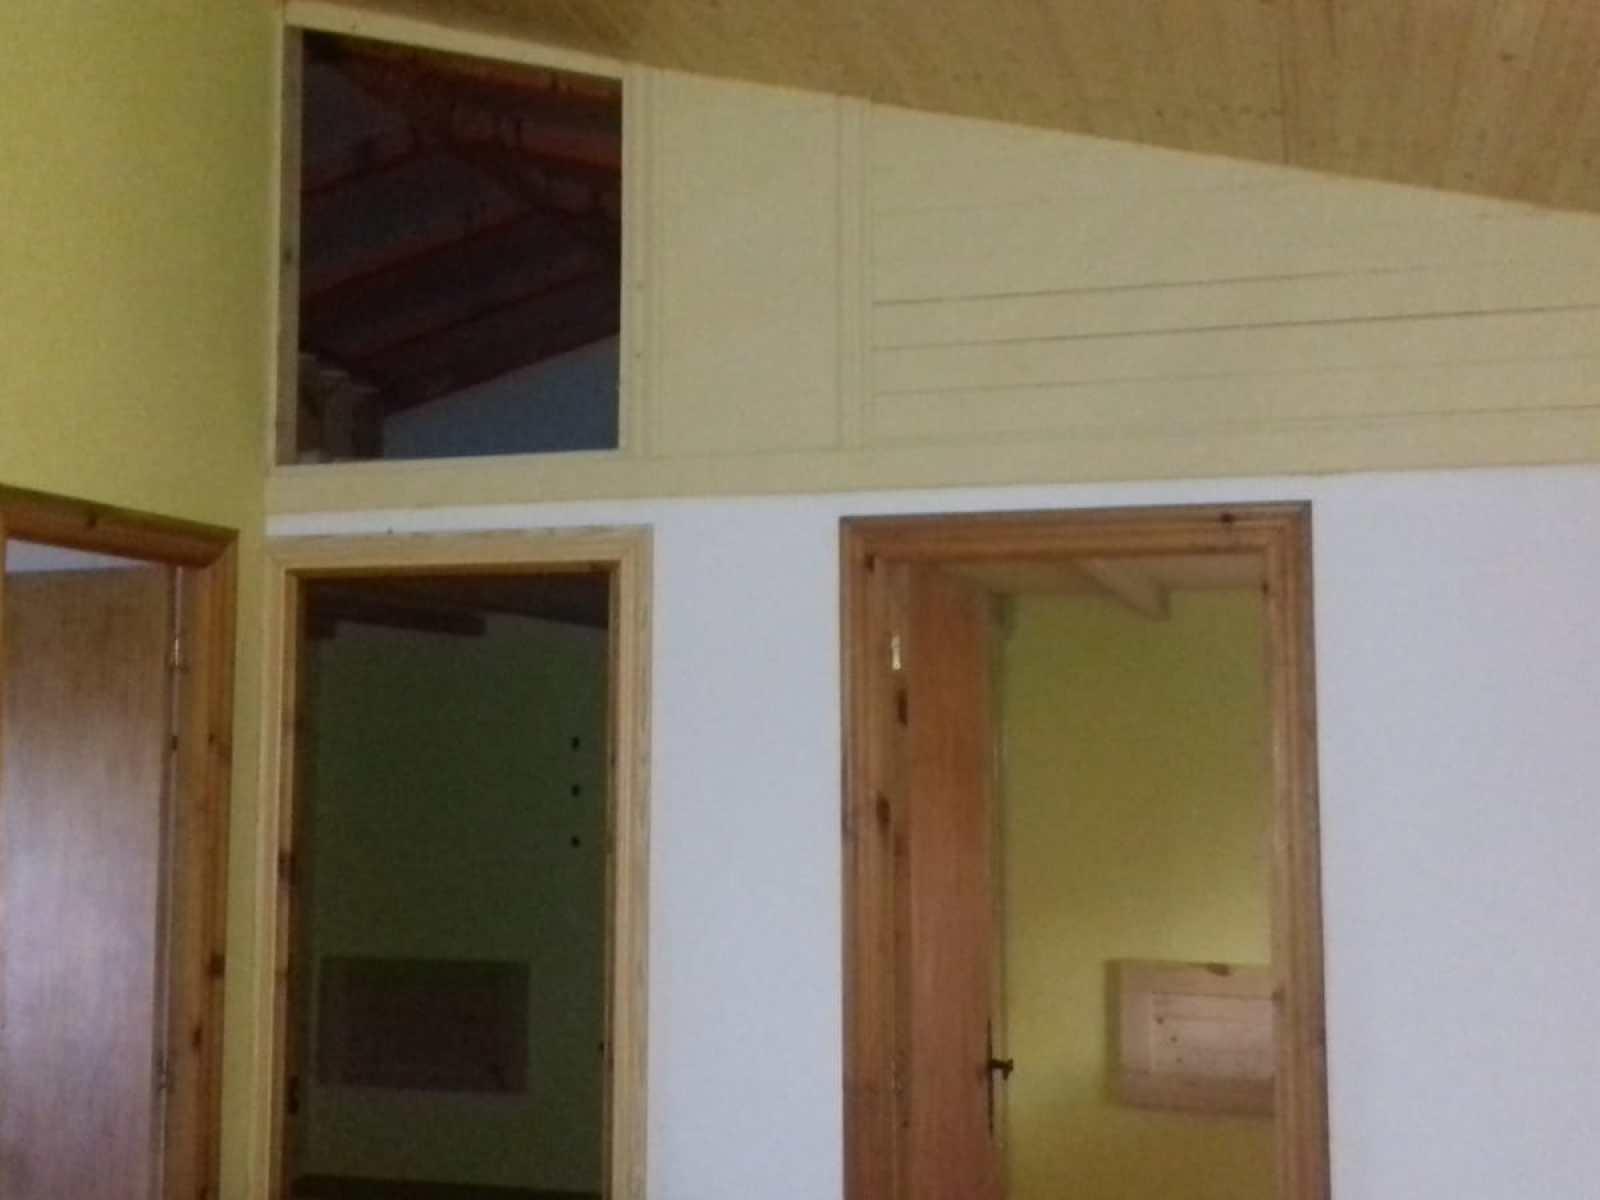 Estado inicial del alojamiento turístico rural en Santander. Antes del proyecto de diseño e interiorismo 3D para alojamientos turísticos en entornos naturales, rurales, de estilo farmhouse @Utrillanais